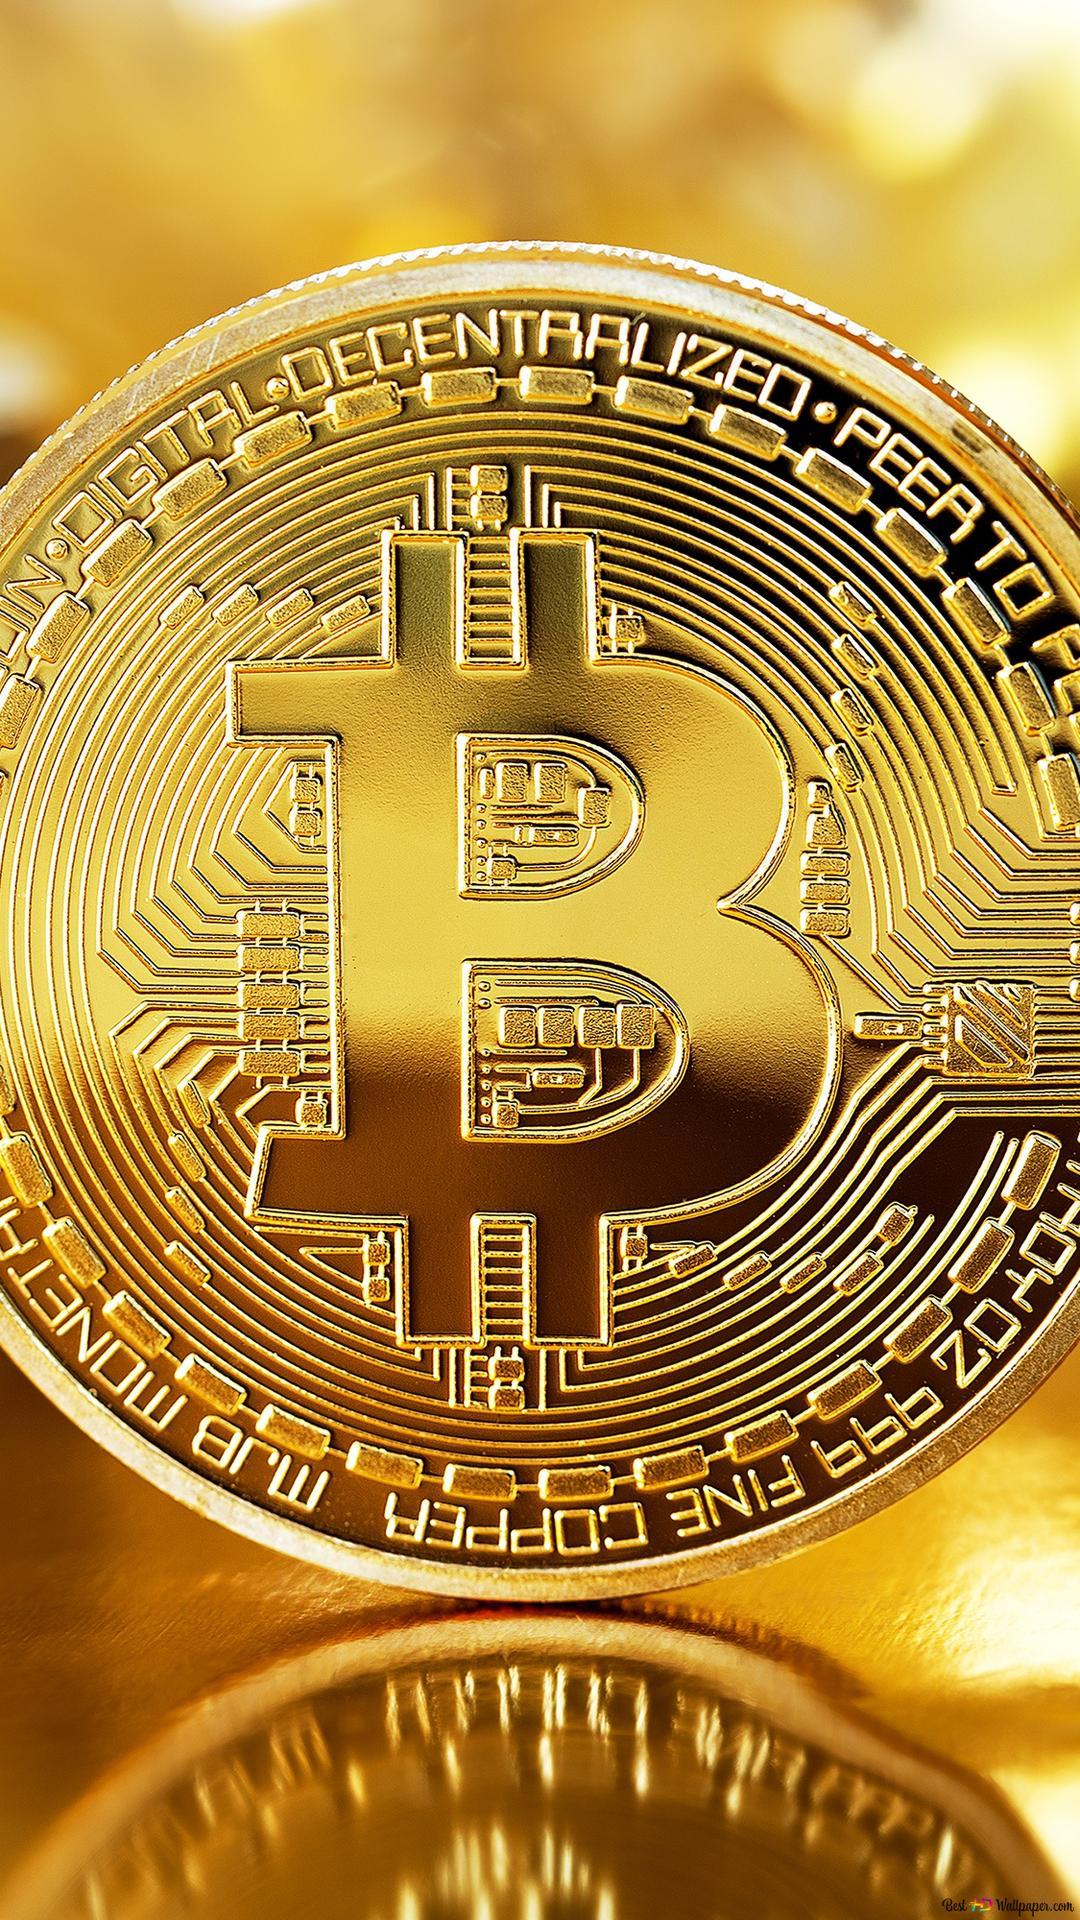 デジタルお金ビットコイン Hd壁紙のダウンロード